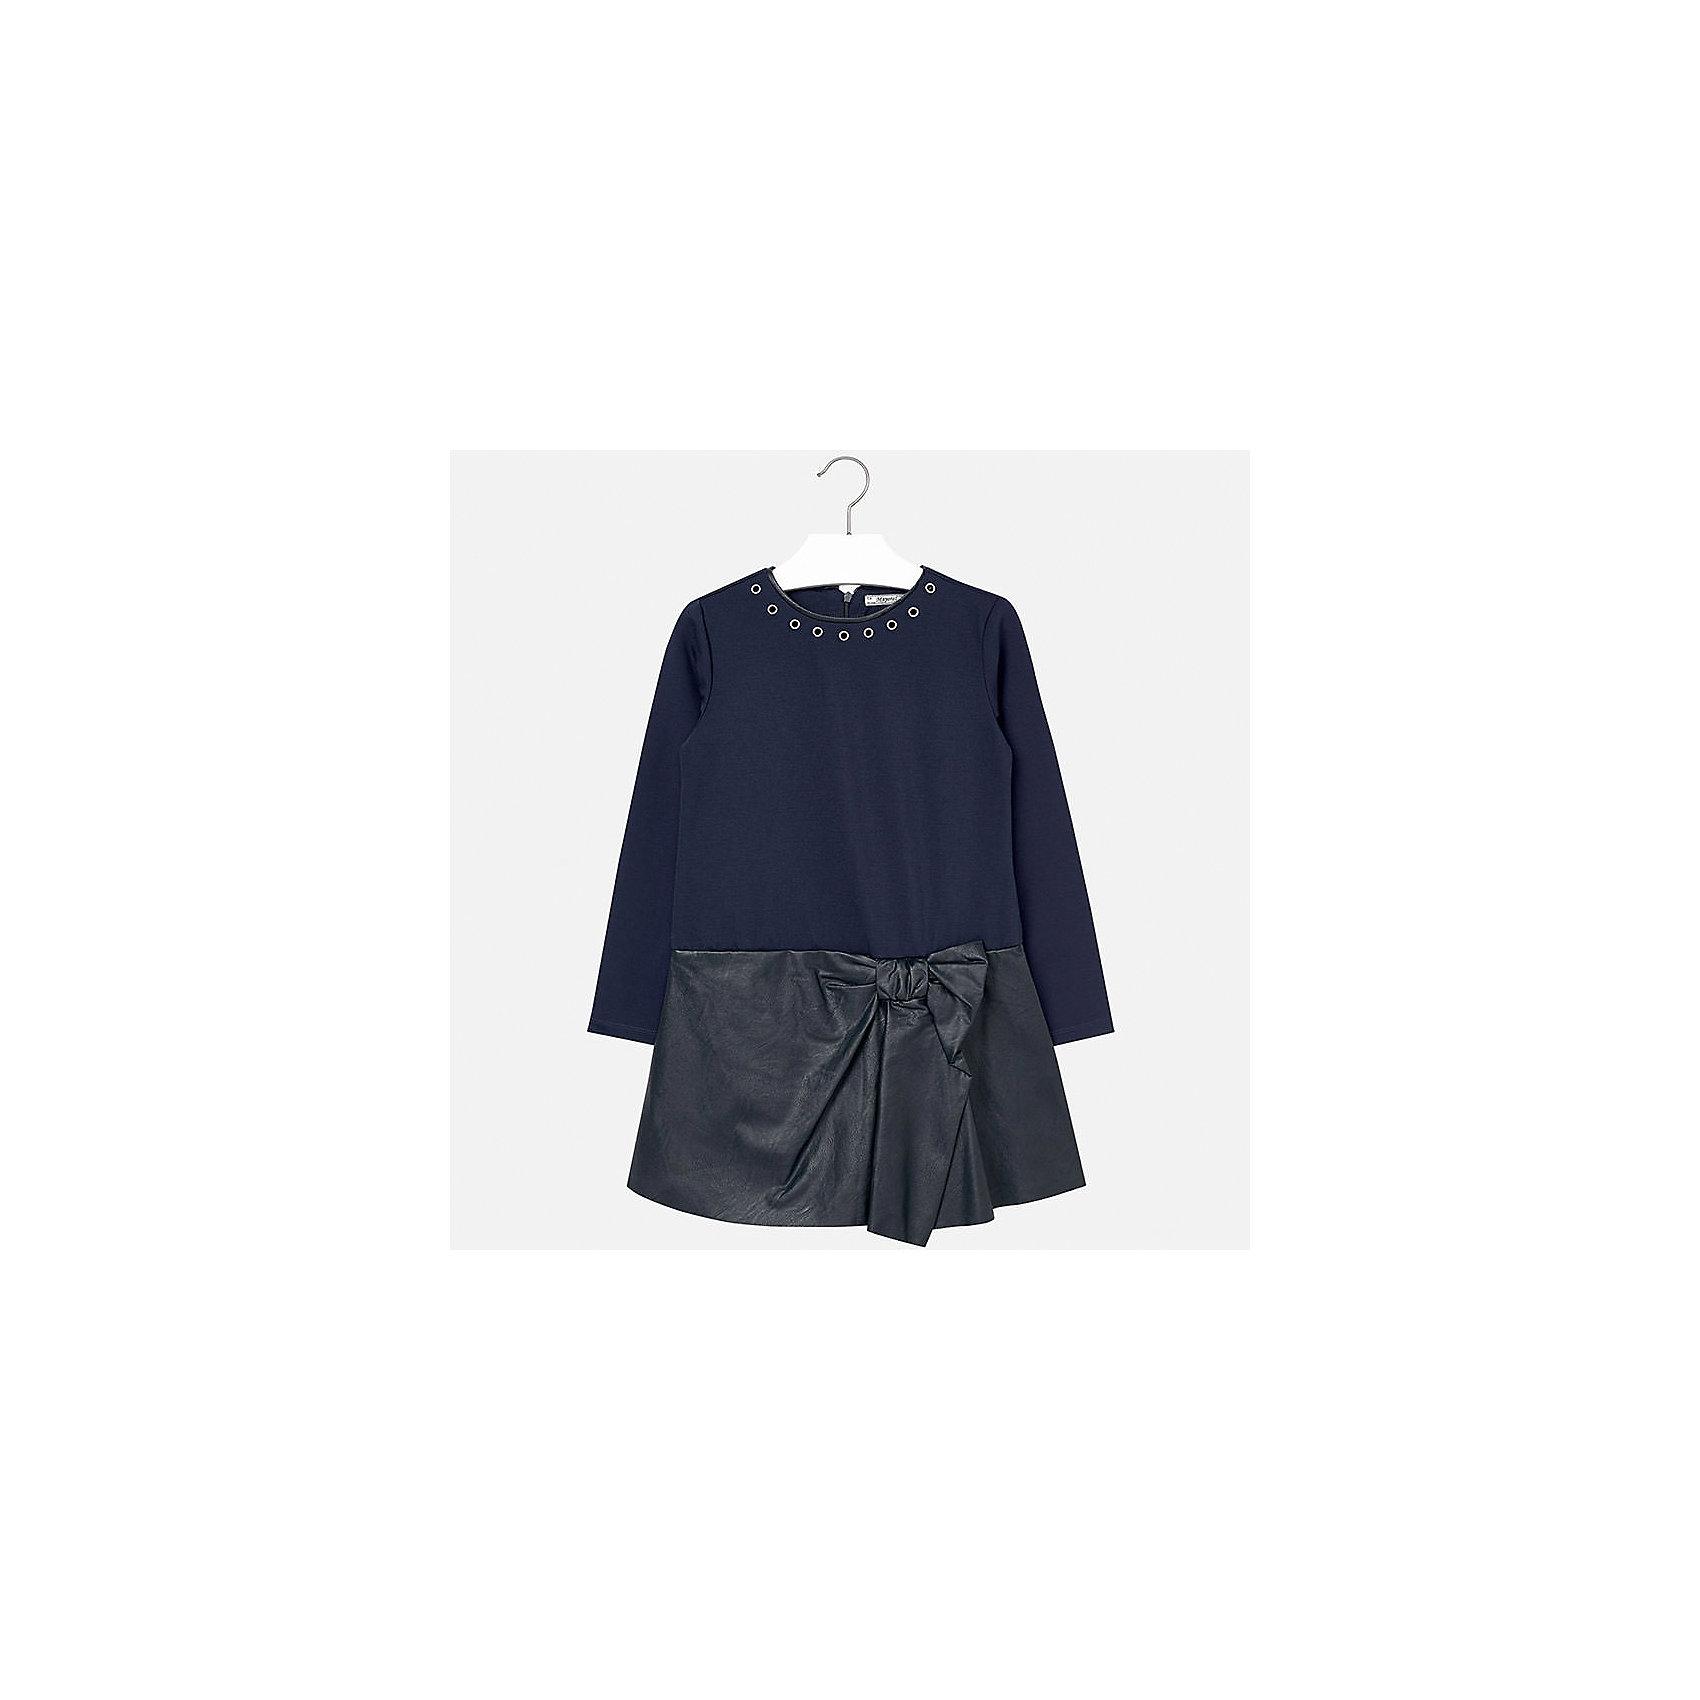 Платье для девочки MayoralПлатье для девочки Mayoral (Майорал) от известного испанского бренда Mayoral. Платье выполнено из сочетания трикотажа плотной двойной вязки и кожзаменителя высокого качества. У платья длинный рукав, сзади имеется потайная молния, юбка имеет оригинальное оформление с имитацией завязанного банта.  Круглая горловина обработана узким кантом из кожзаменителя, вдоль гогловины имеются  круглые металлические колечки. Верх изделия выполнен в темно-синем цвете, низ – черный. Платье из кожзаменителя идеально подойдет в качестве праздничного варианта одежды.<br><br>Дополнительная информация:<br><br>- Предназначение: праздничная одежда<br>- Цвет: темно-синий, черный<br>- Пол: для девочки<br>- Состав: 92% полиэстер, 8% эластан; подклад 100% хлопок<br>- Сезон: осень-зима<br>- Особенности ухода: стирка при температуре 30 градусов, химчистка, глажение<br><br>Подробнее:<br><br>• Для детей в возрасте: от 8 лет и до 16 лет<br>• Страна производитель: Китай<br>• Торговый бренд: Mayoral<br><br>Платье для девочки Mayoral (Майорал) можно купить в нашем интернет-магазине.<br><br>Ширина мм: 236<br>Глубина мм: 16<br>Высота мм: 184<br>Вес г: 177<br>Цвет: синий<br>Возраст от месяцев: 132<br>Возраст до месяцев: 144<br>Пол: Женский<br>Возраст: Детский<br>Размер: 134/140,128/134,152/158,164/170,146/152,158/164<br>SKU: 4847542